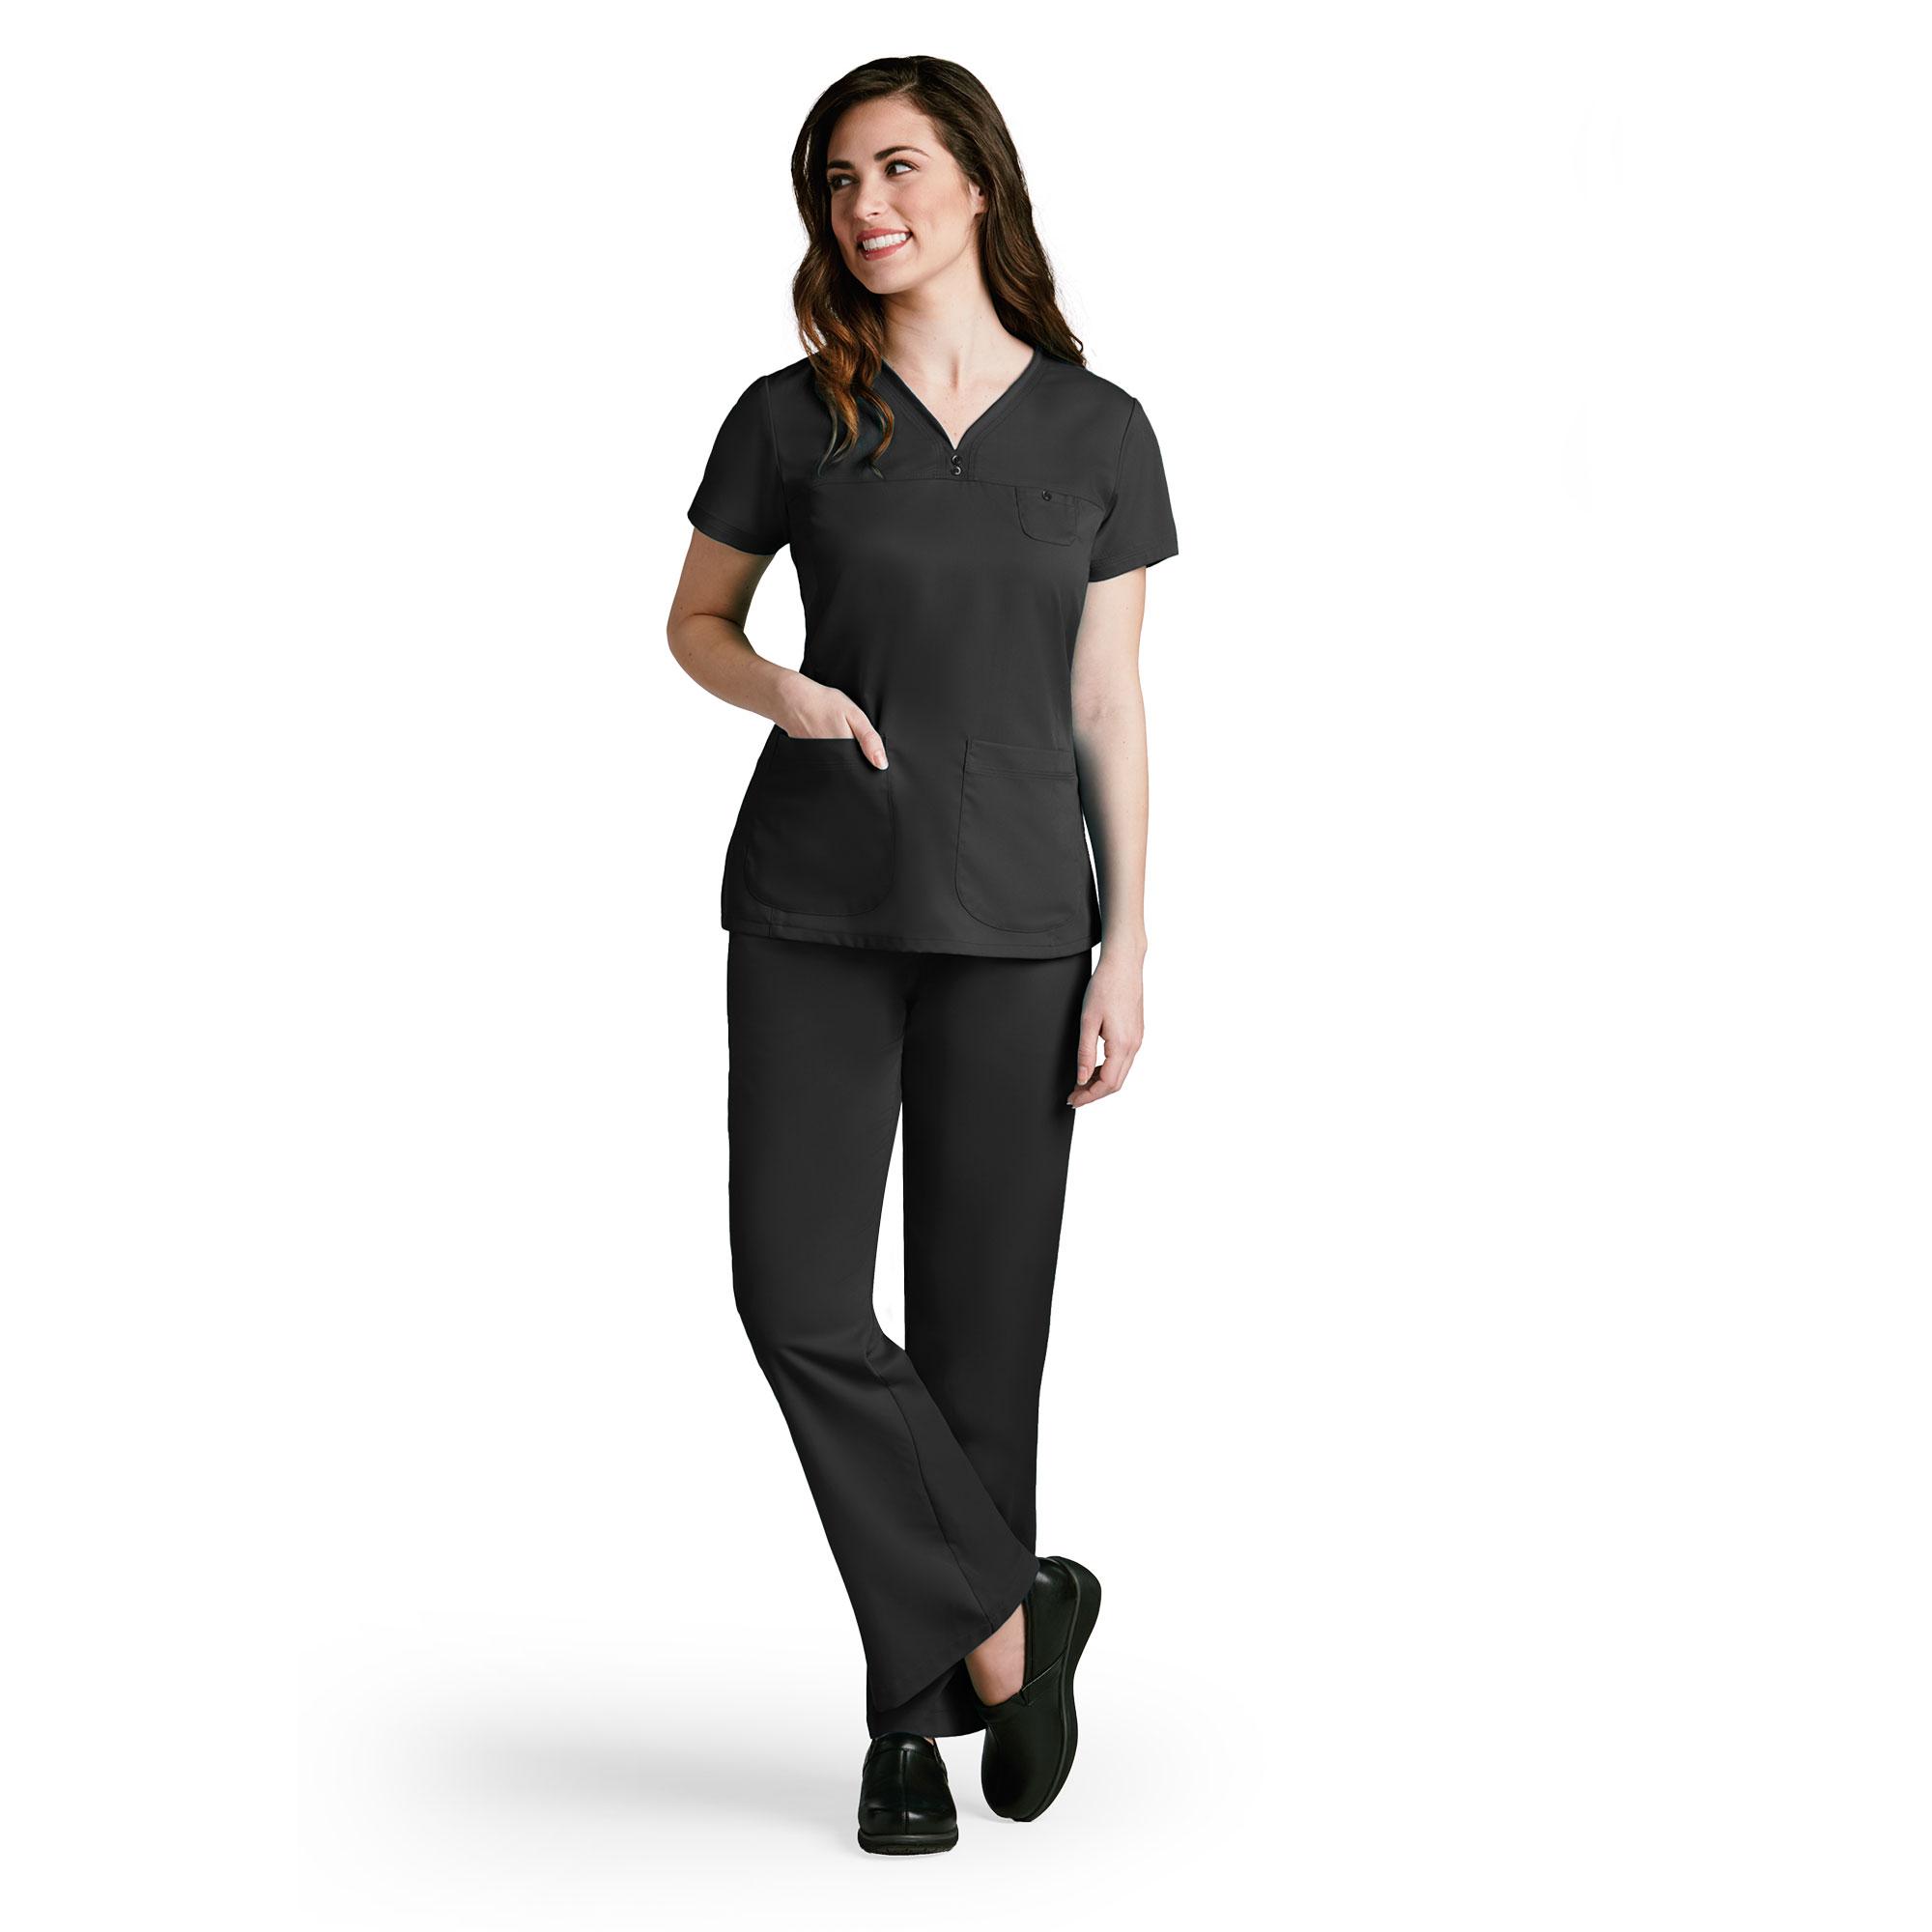 3517ea02c65 Buy 3 Pocket V-Neck Tonal Stitch - Grey's Anatomy Online at Best price - WI